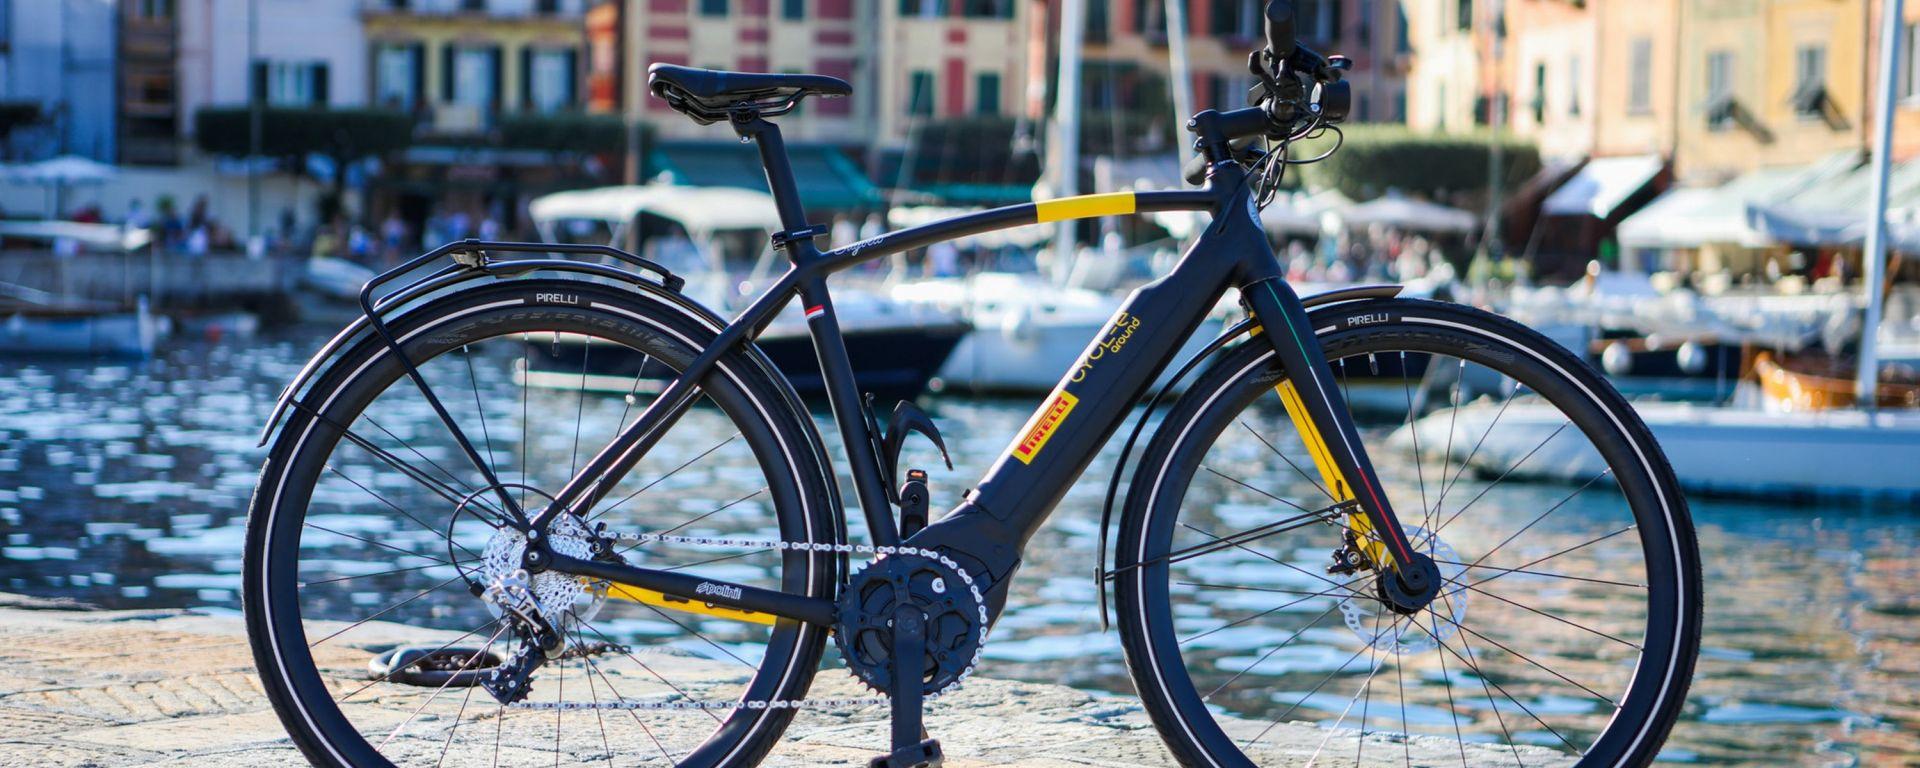 Pirelli Cycl-E: il modello Nomades